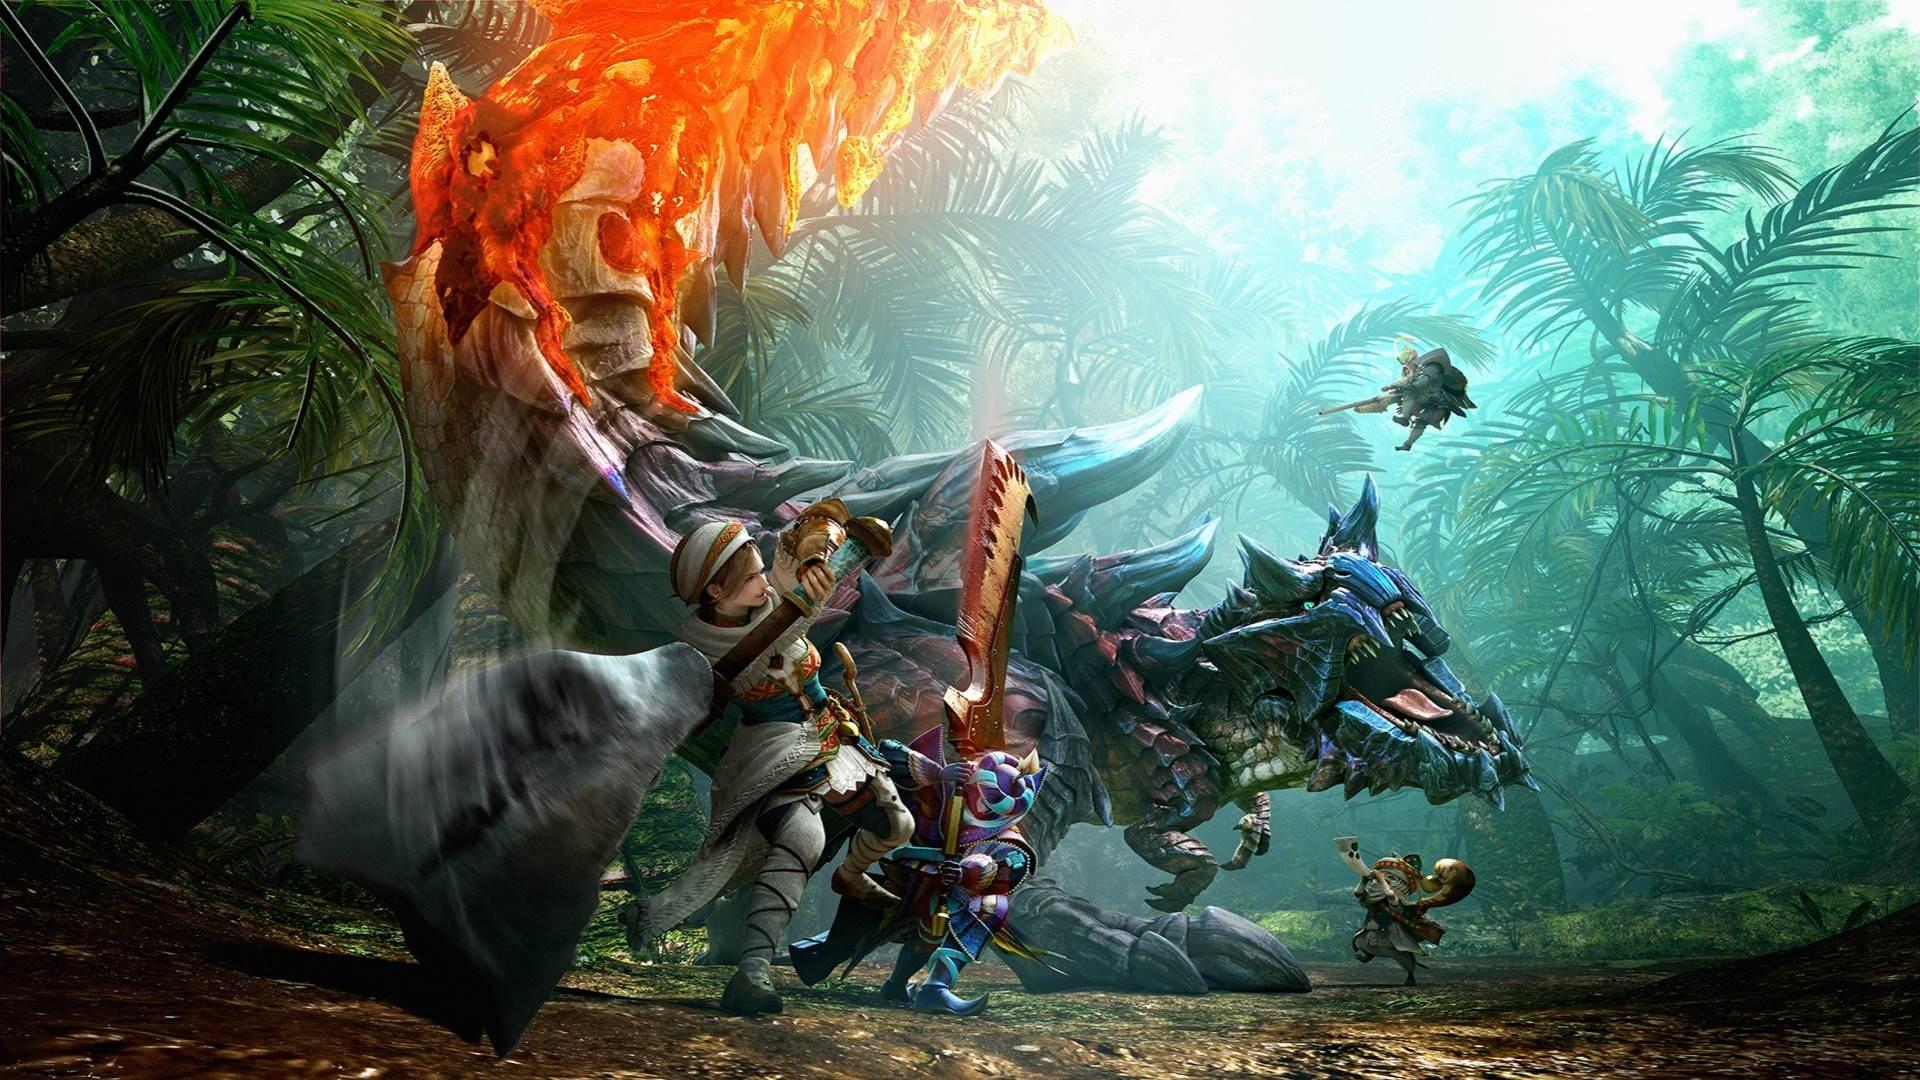 Monster Hunter X Wallpaper 70 Images